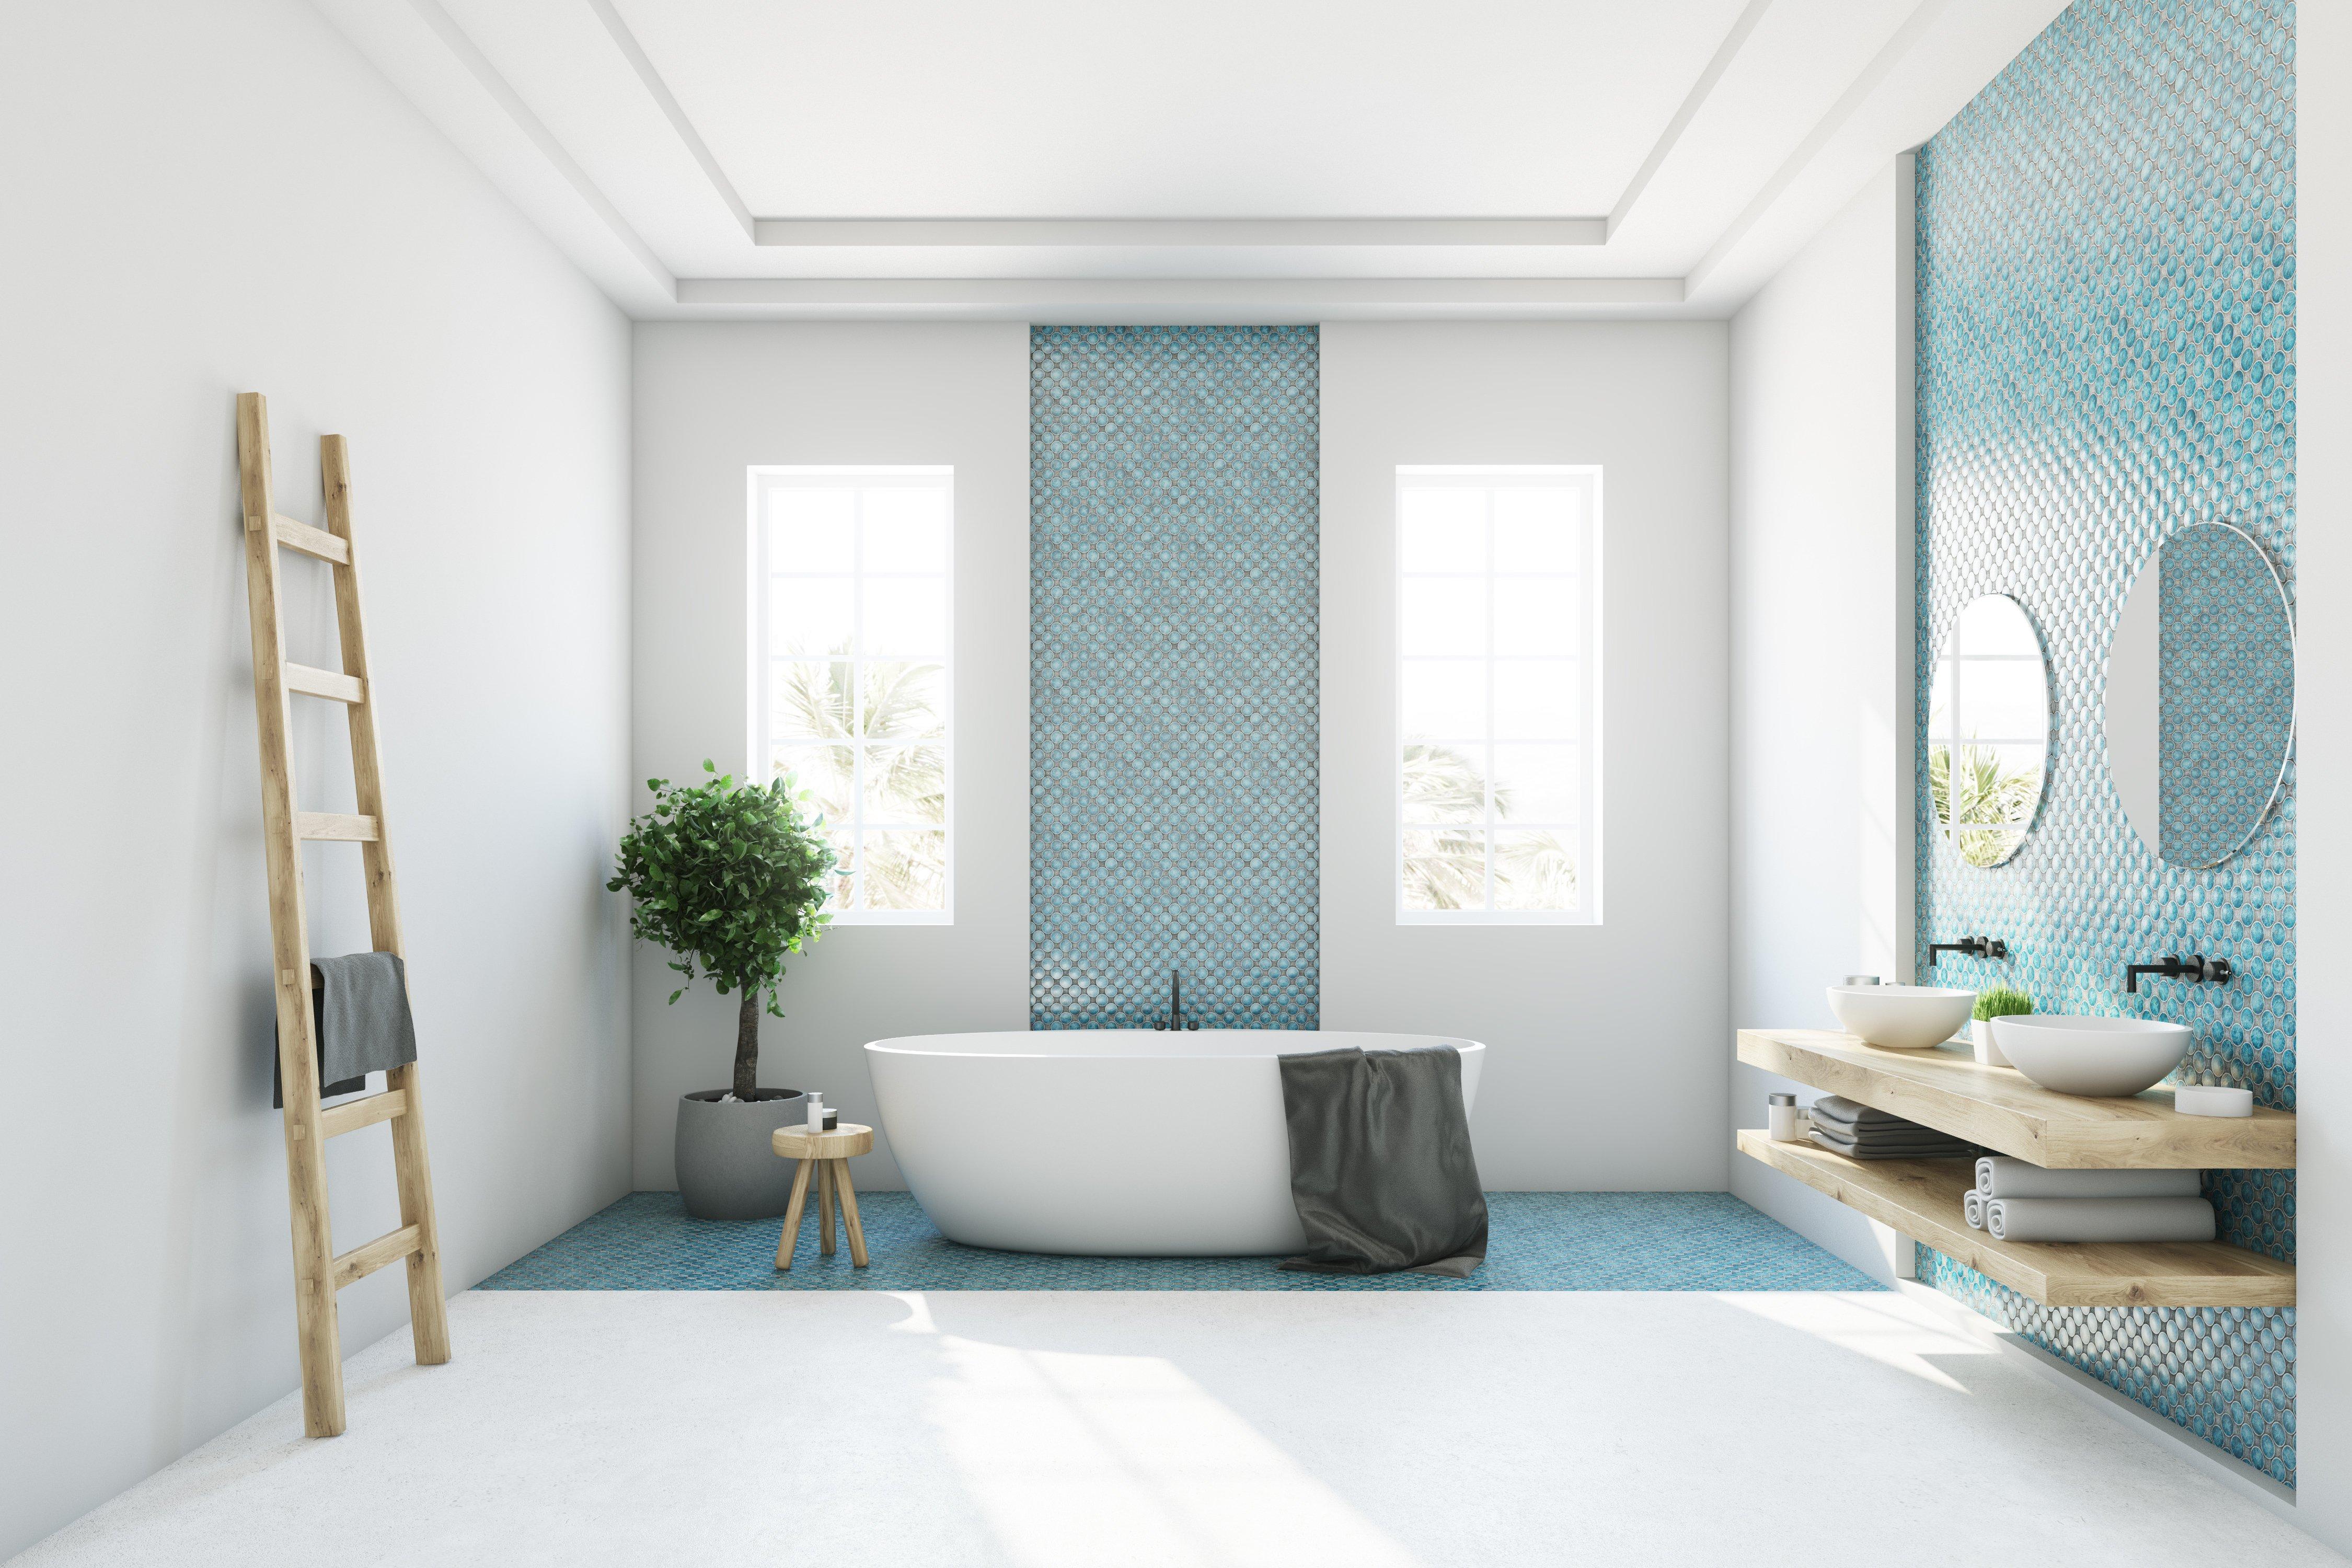 Vastu Tips for Bathroom - HomeLane Blog